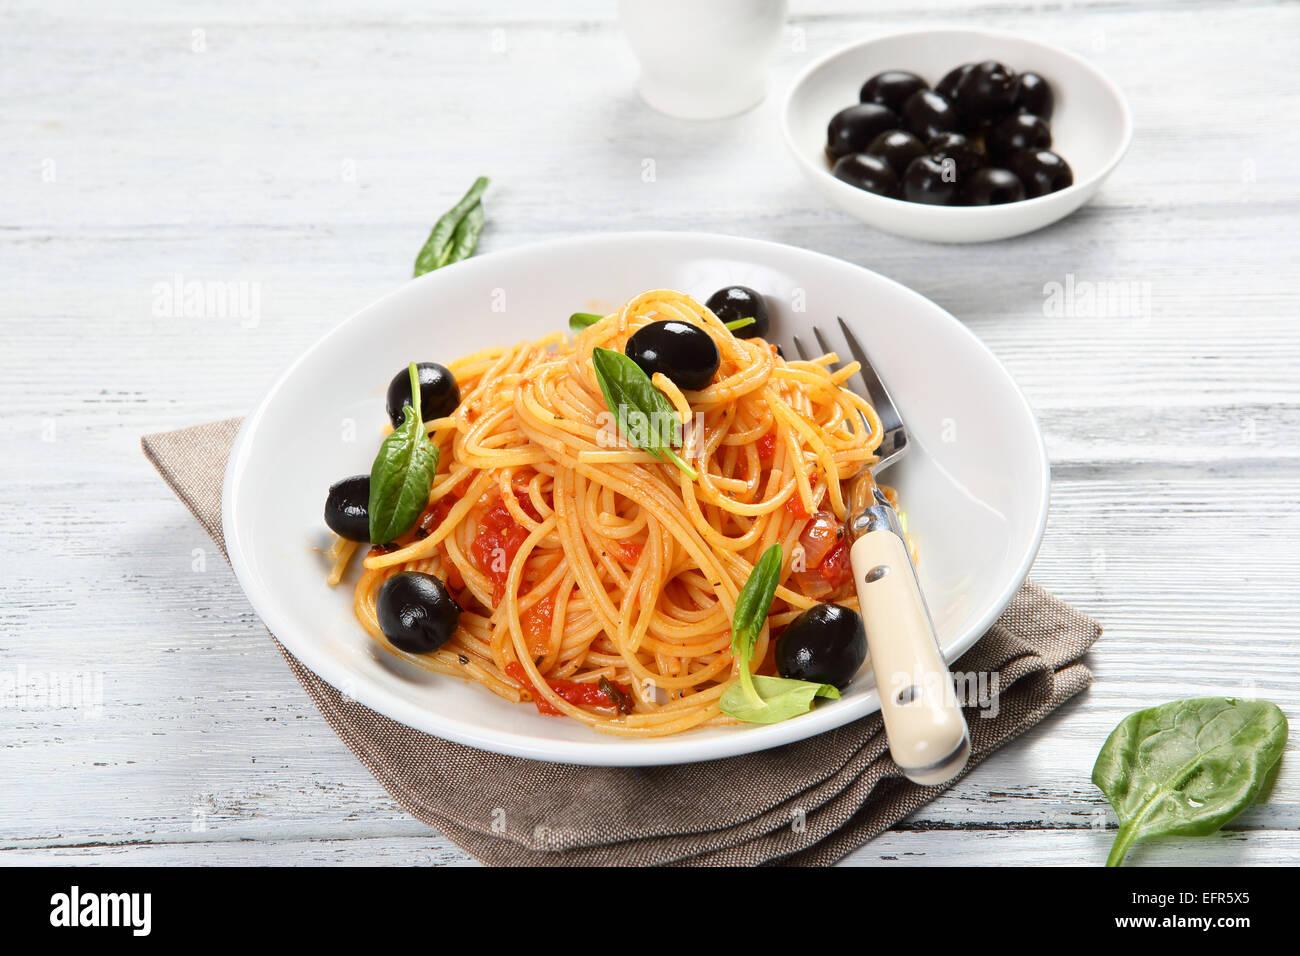 Pasta con aceitunas y albahaca, alimentos Imagen De Stock